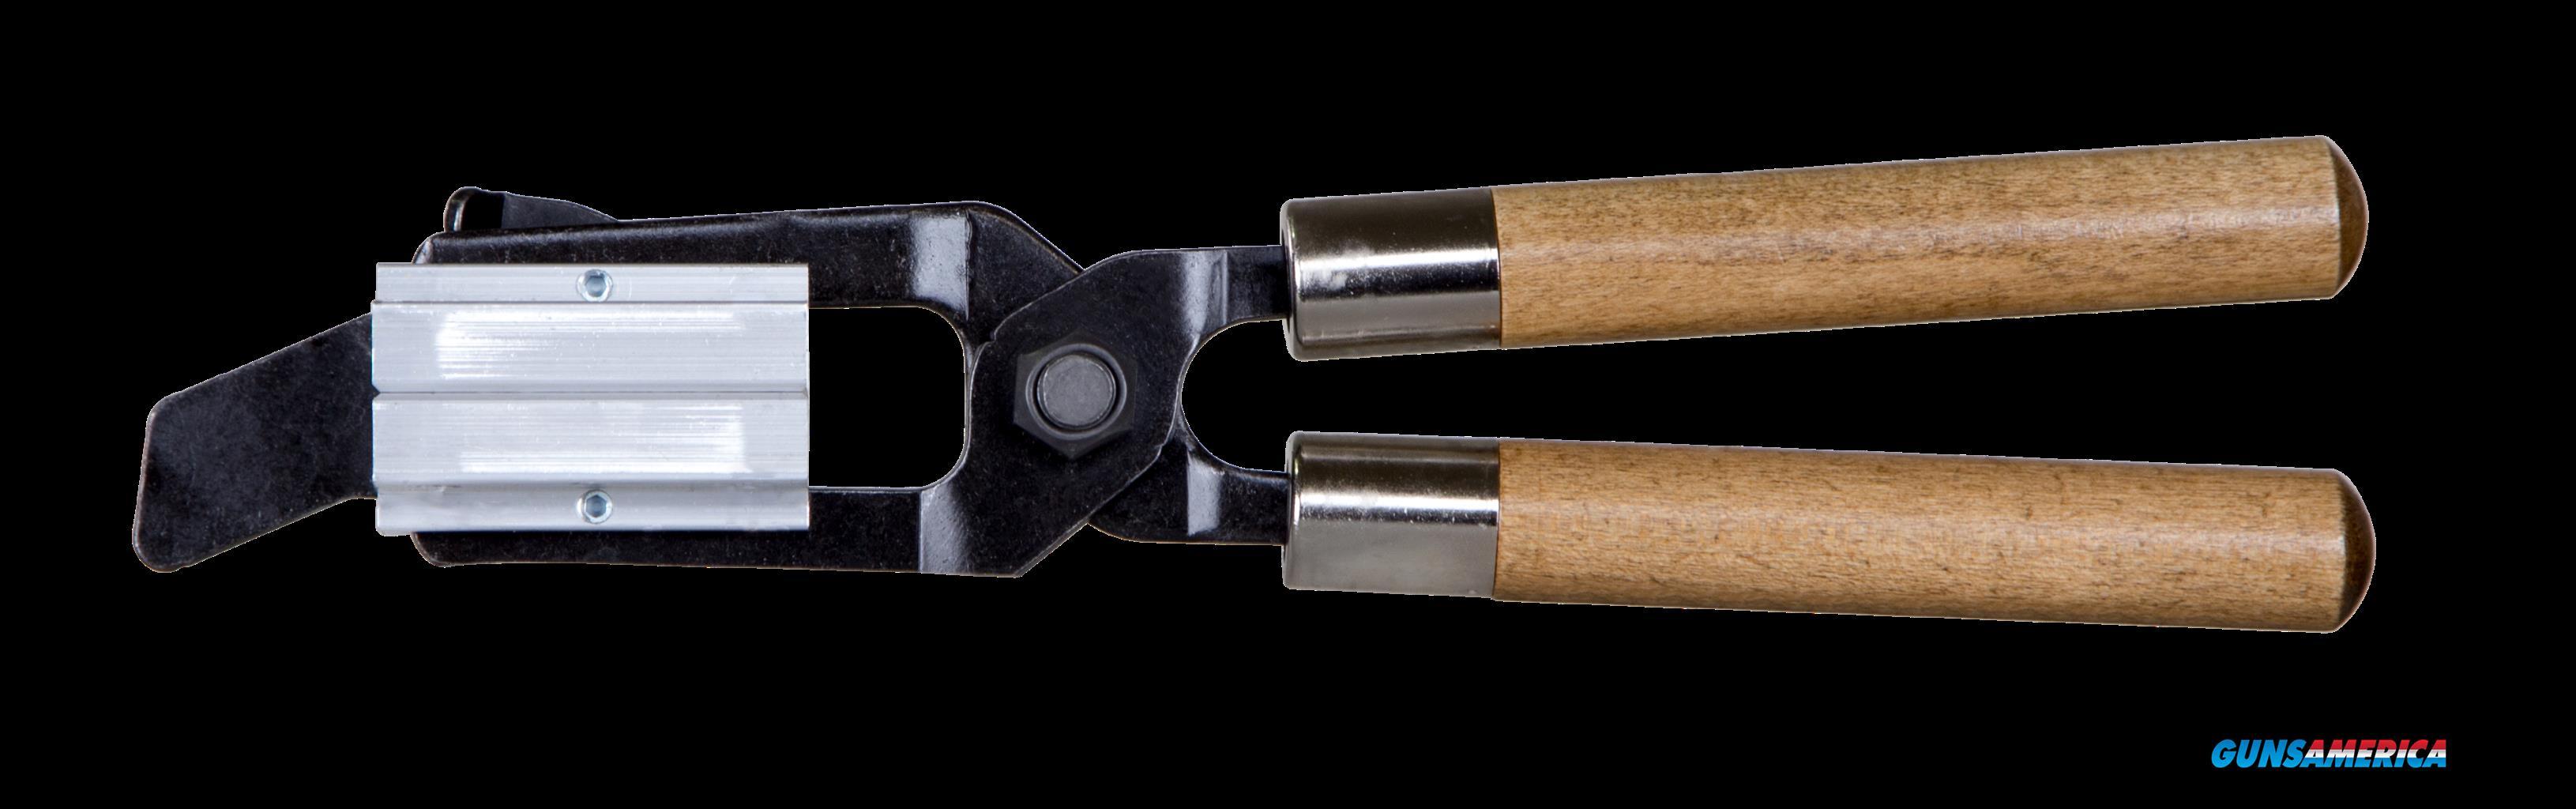 Lee Mold, Lee 90382 Mold D C 450-200-1r  Guns > Pistols > 1911 Pistol Copies (non-Colt)